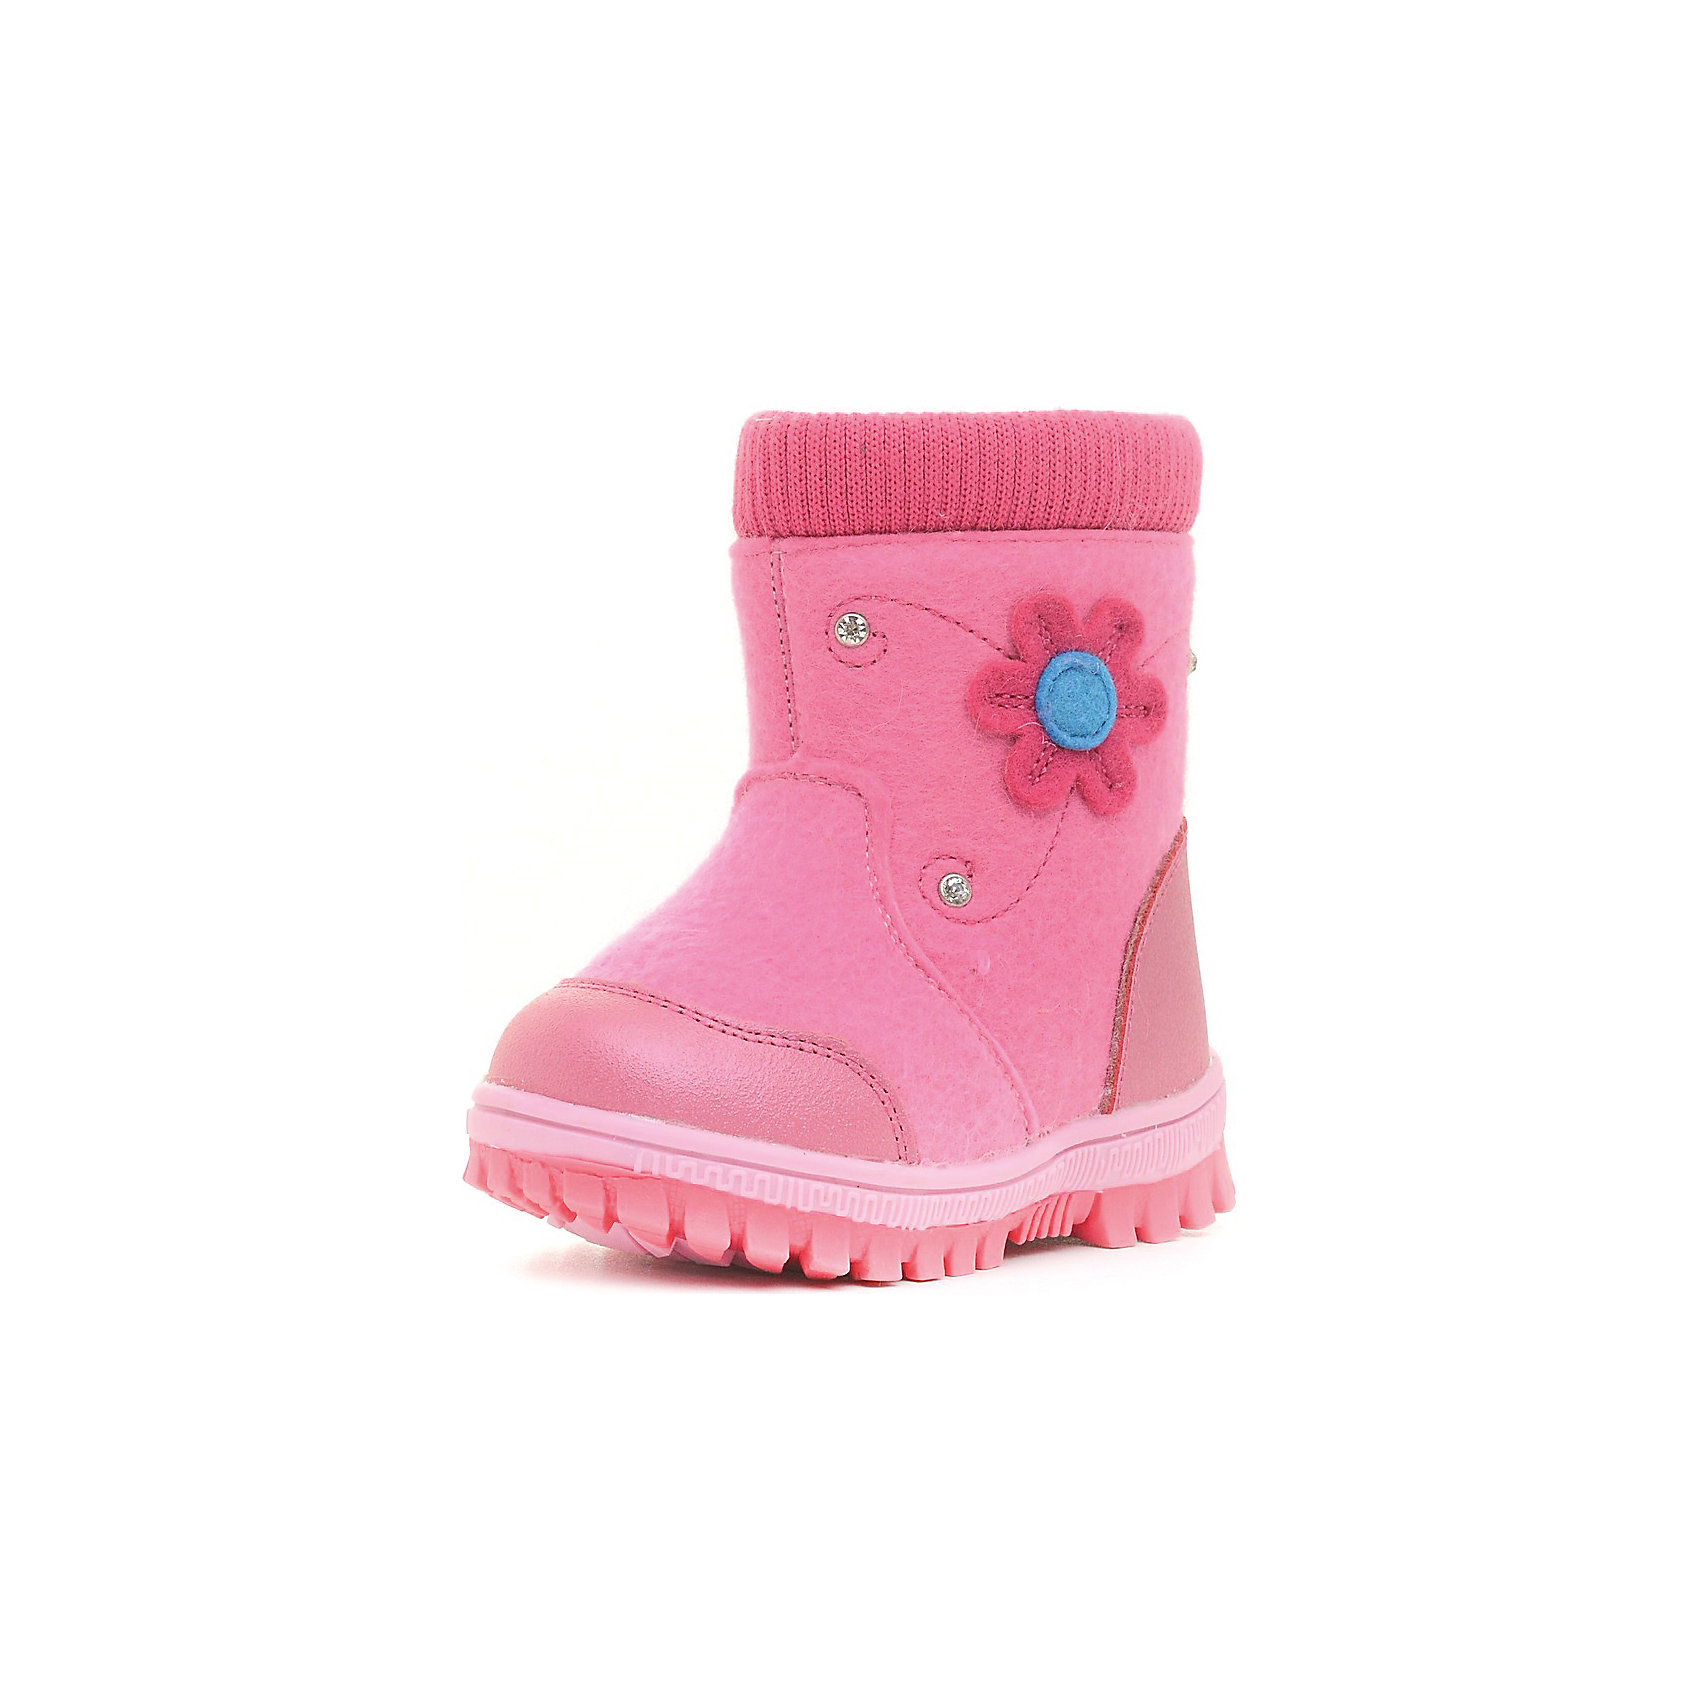 Валенки для девочки Indigo kidsВаленки<br>Валенки для девочки от известного  бренда Indigo kids<br><br>Модные валенки помогут защитить детские ножки от сырости и холода. Они легко надеваются, комфортно садятся по ноге.<br><br>Особенности модели:<br><br>- цвет - розовый;<br>- стильный дизайн;<br>- защита пятки и пальцев;<br>- удобная колодка;<br>- подкладка утепленная;<br>- стразы, аппликация цветок на голенище;<br>- устойчивая рифленая подошва;<br>- застежка - молния.<br><br>Дополнительная информация:<br><br>Температурный режим:<br><br>от -20° С до 0° С<br><br>Состав:<br><br>верх – войлок/кожа натуральная;<br>подкладка - шерсть.<br><br>Валенки для девочки Indigo kids (Индиго Кидс) можно купить в нашем магазине.<br><br>Ширина мм: 257<br>Глубина мм: 180<br>Высота мм: 130<br>Вес г: 420<br>Цвет: розовый<br>Возраст от месяцев: 24<br>Возраст до месяцев: 24<br>Пол: Женский<br>Возраст: Детский<br>Размер: 25,23,21,26,24,22<br>SKU: 4340447